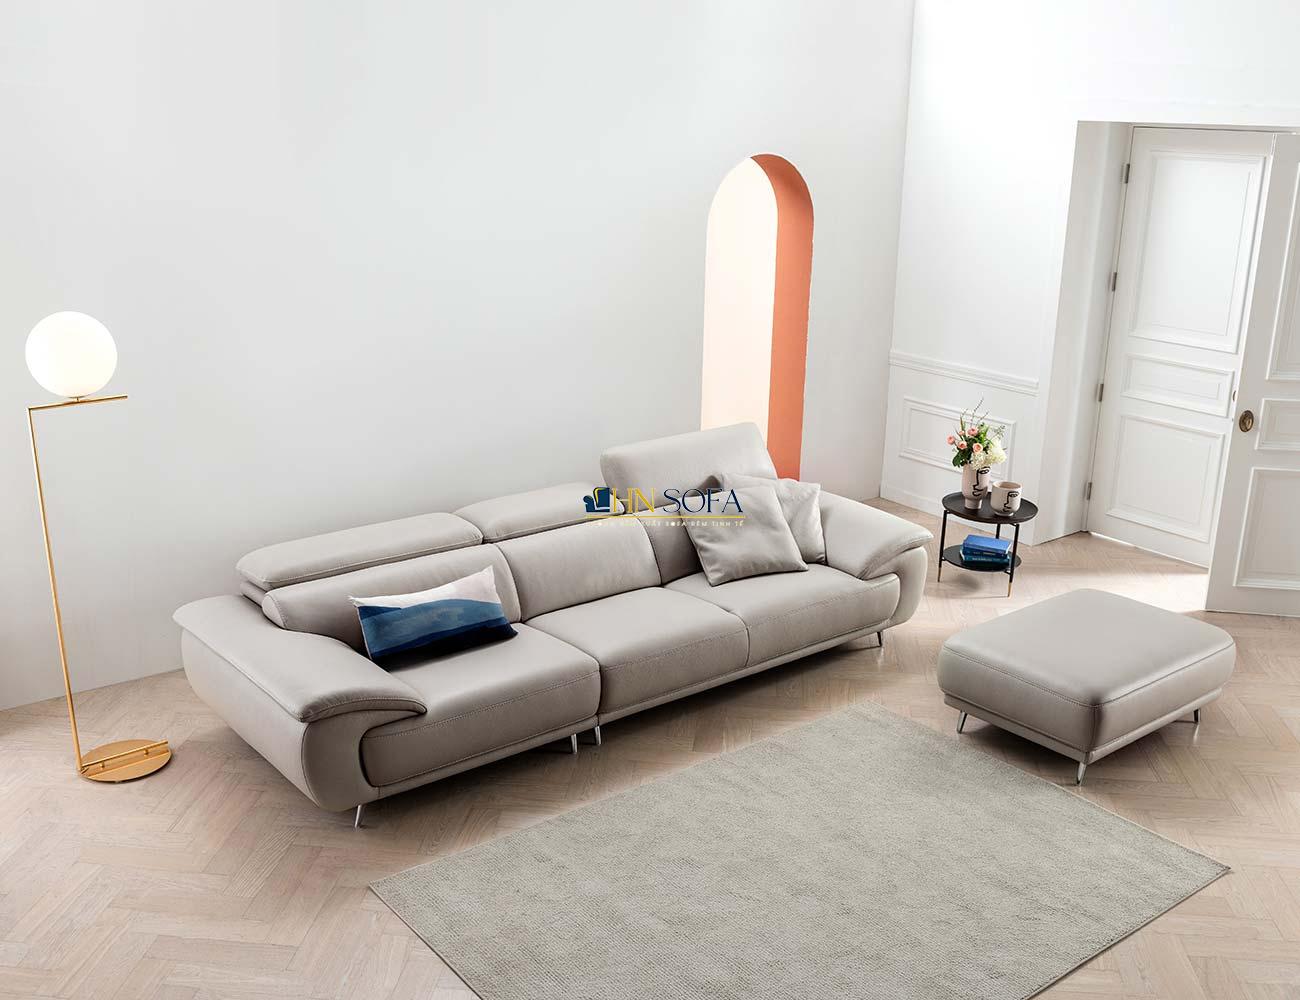 Khảo sát giá sofa da quyết định bởi yếu tố nào?